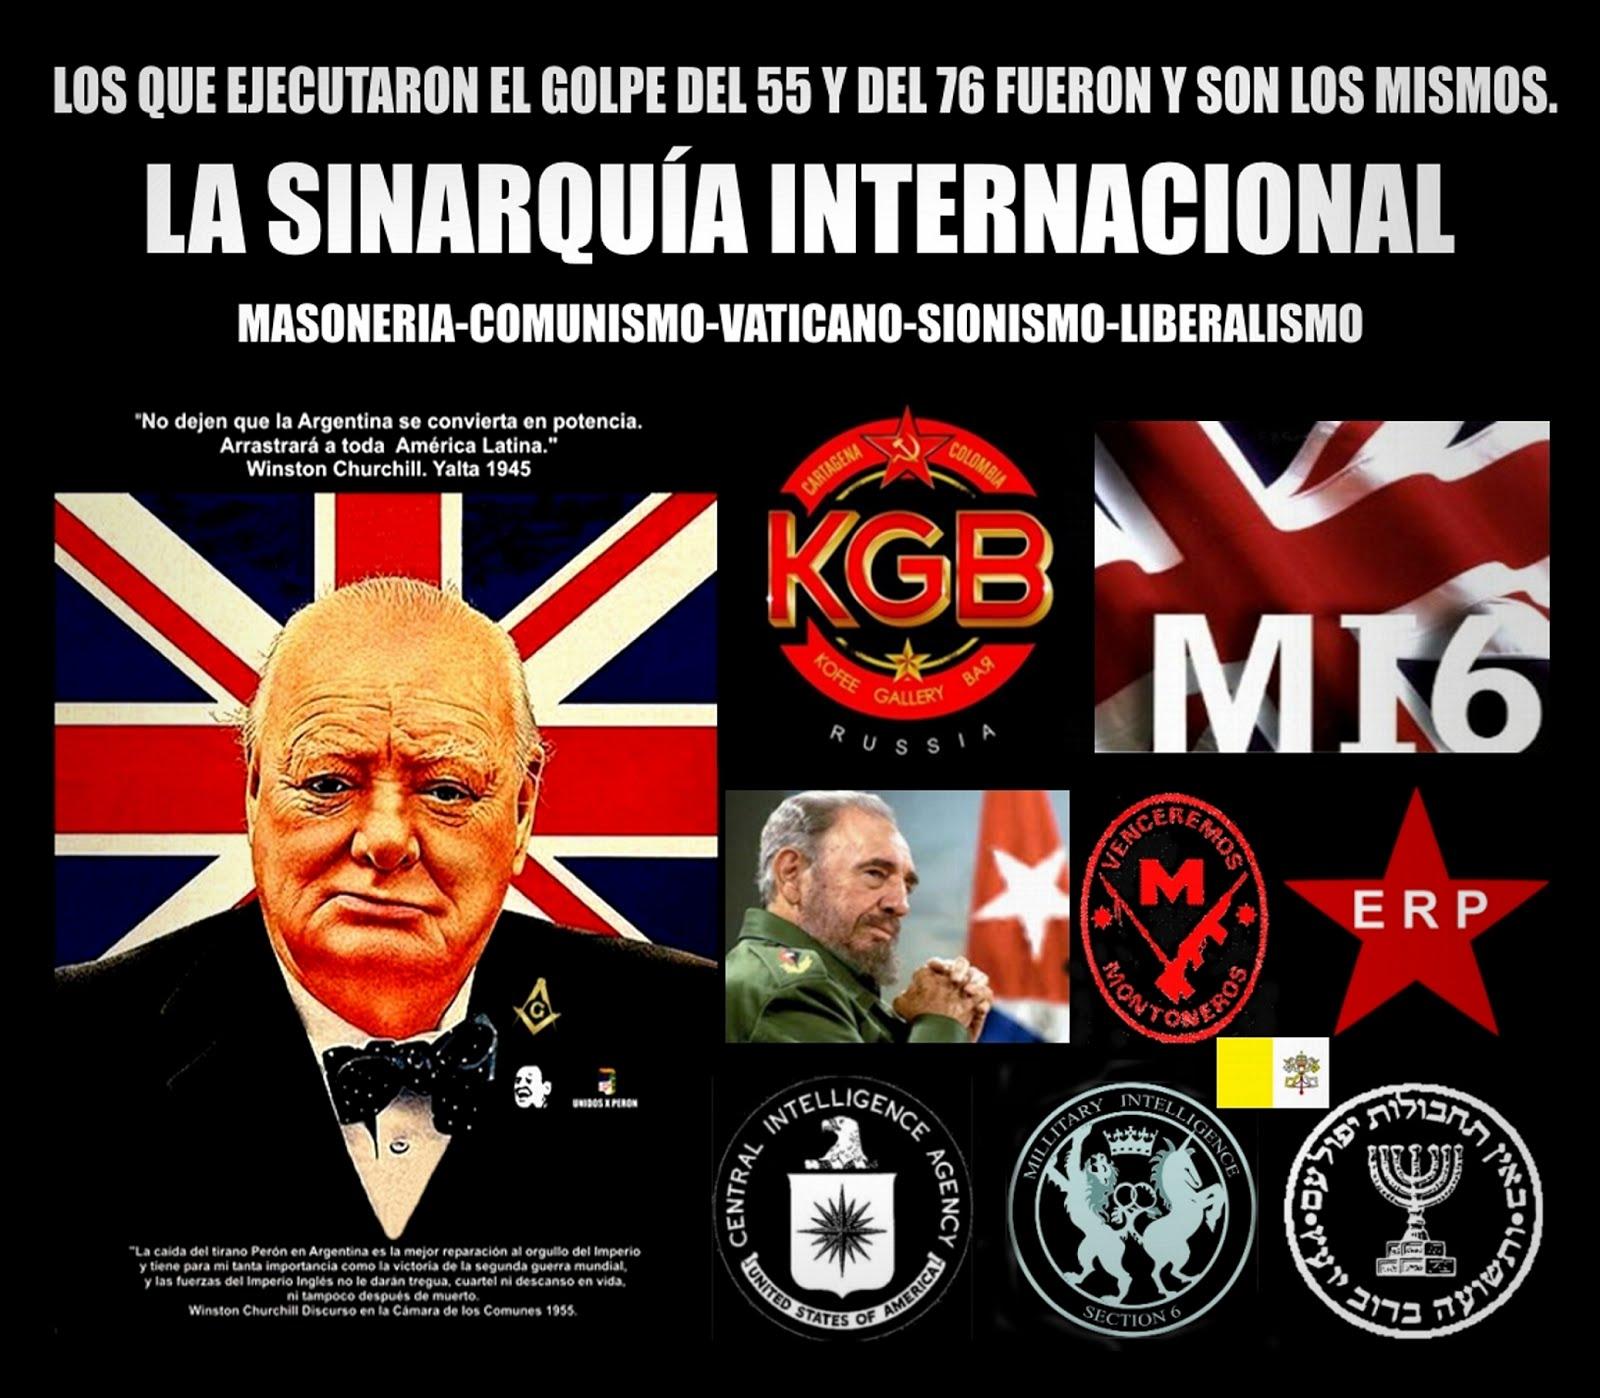 SINARQUÍA INTERNACIONAL